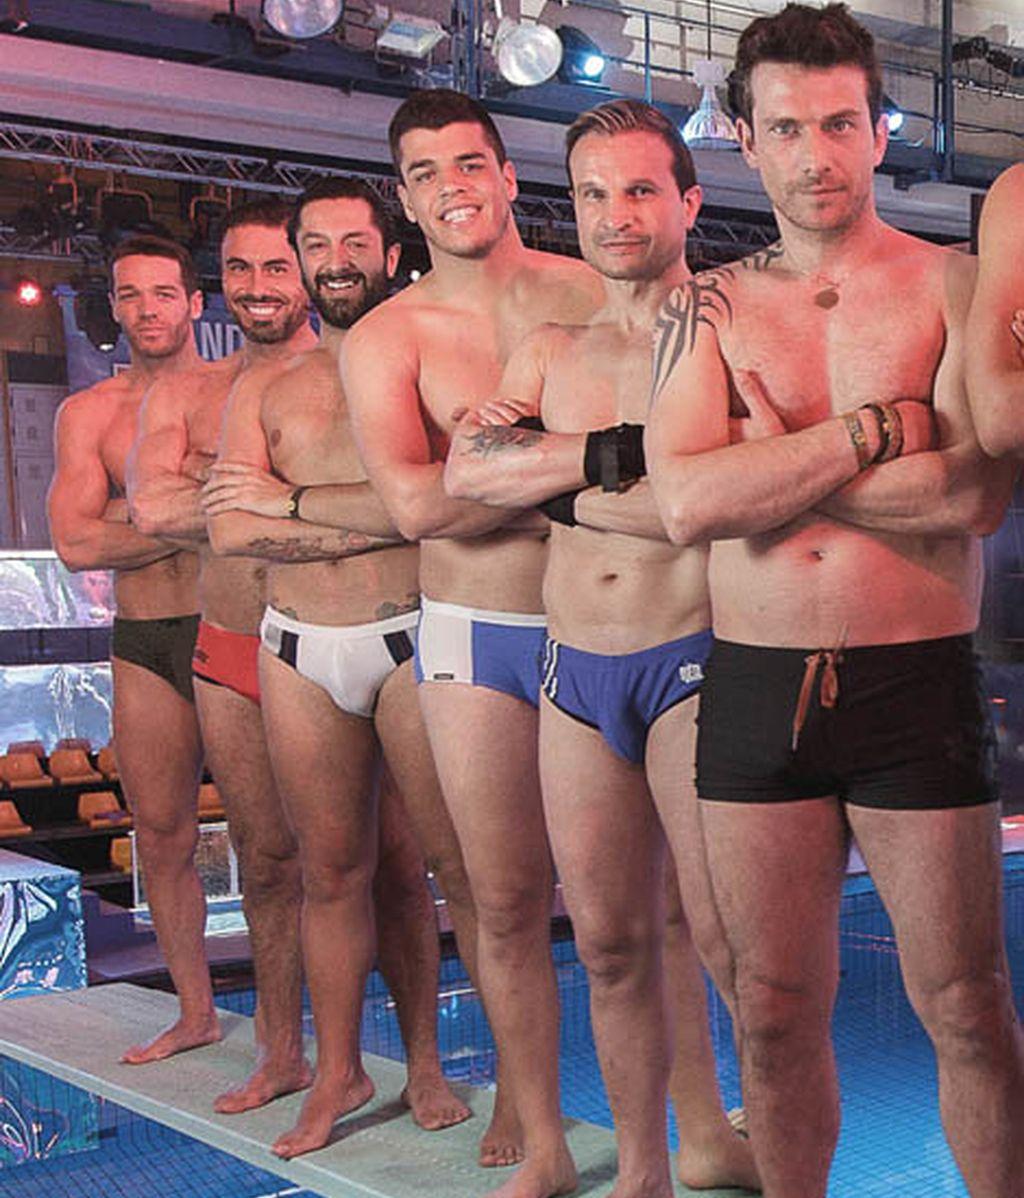 Leo Cámara, Miguel Ángel Nicolás, Rafael Amargo, Sergi Capdevilla, Javier Castillejo y Arturo Requejo